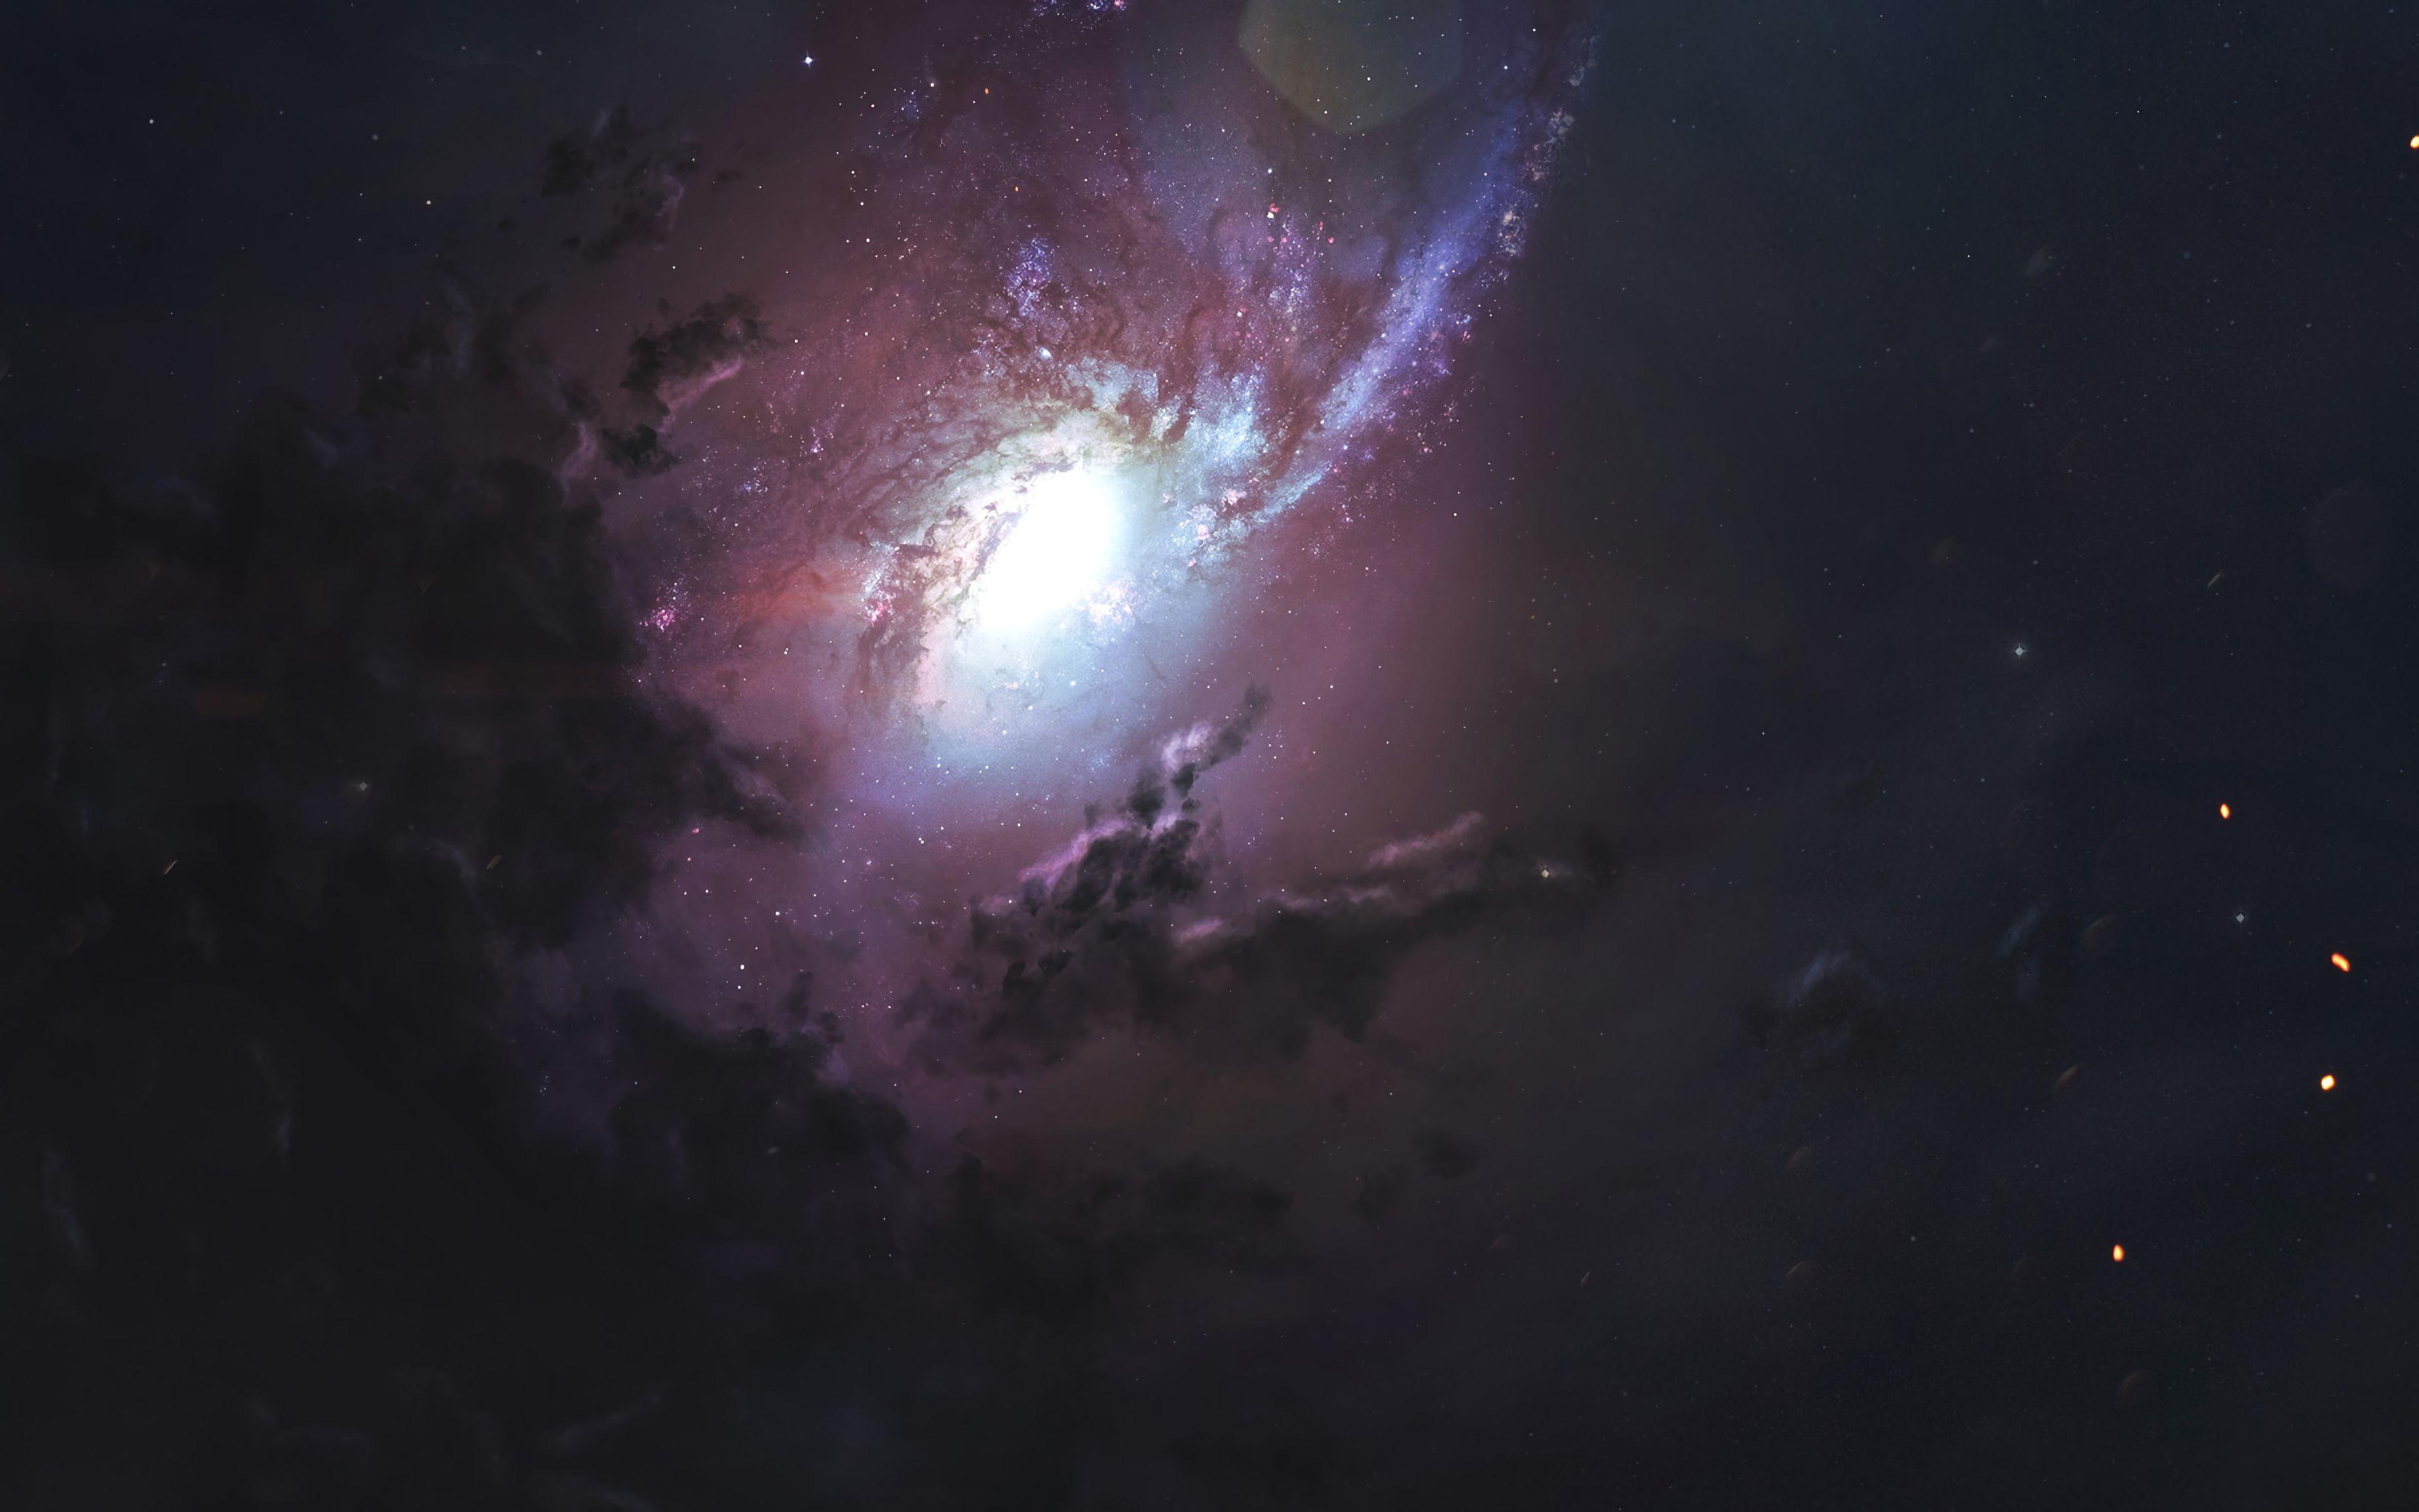 62980 Hintergrundbild 1024x768 kostenlos auf deinem Handy, lade Bilder Universum, Sterne, Schein, Nebel, Galaxis, Galaxy 1024x768 auf dein Handy herunter